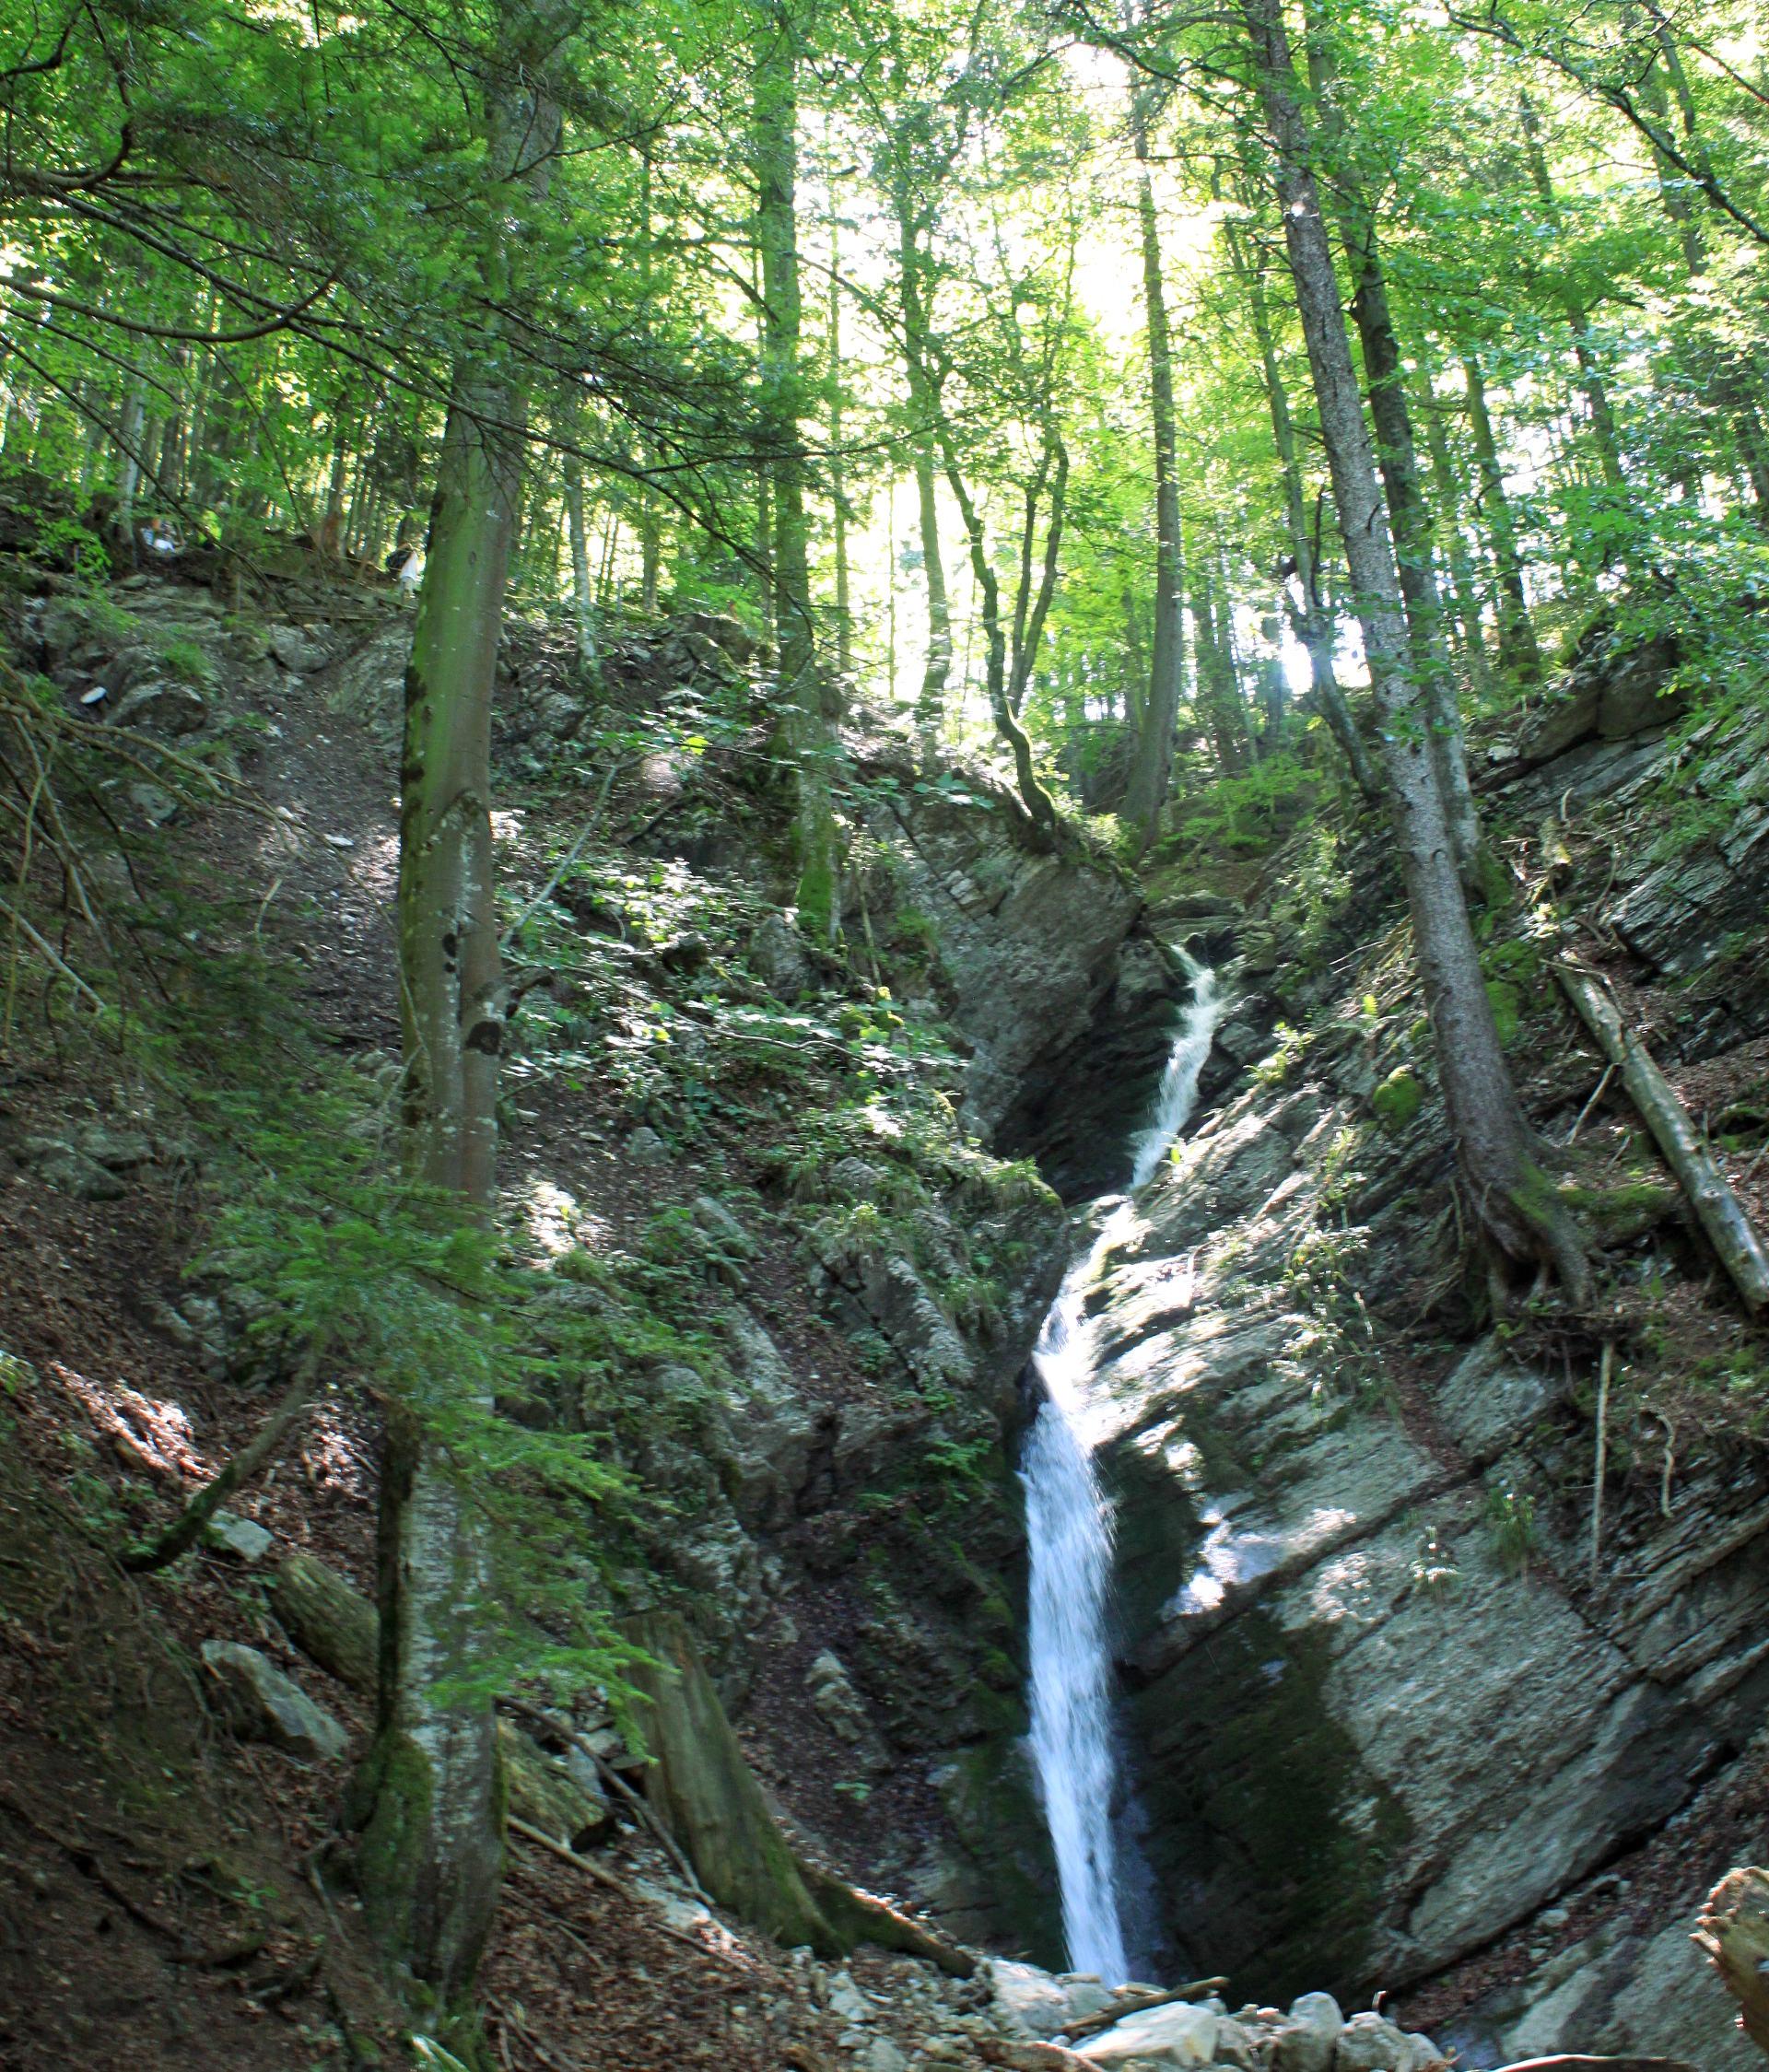 szwajcaria seealpsee alpy wodospad natura iglawpodrozy